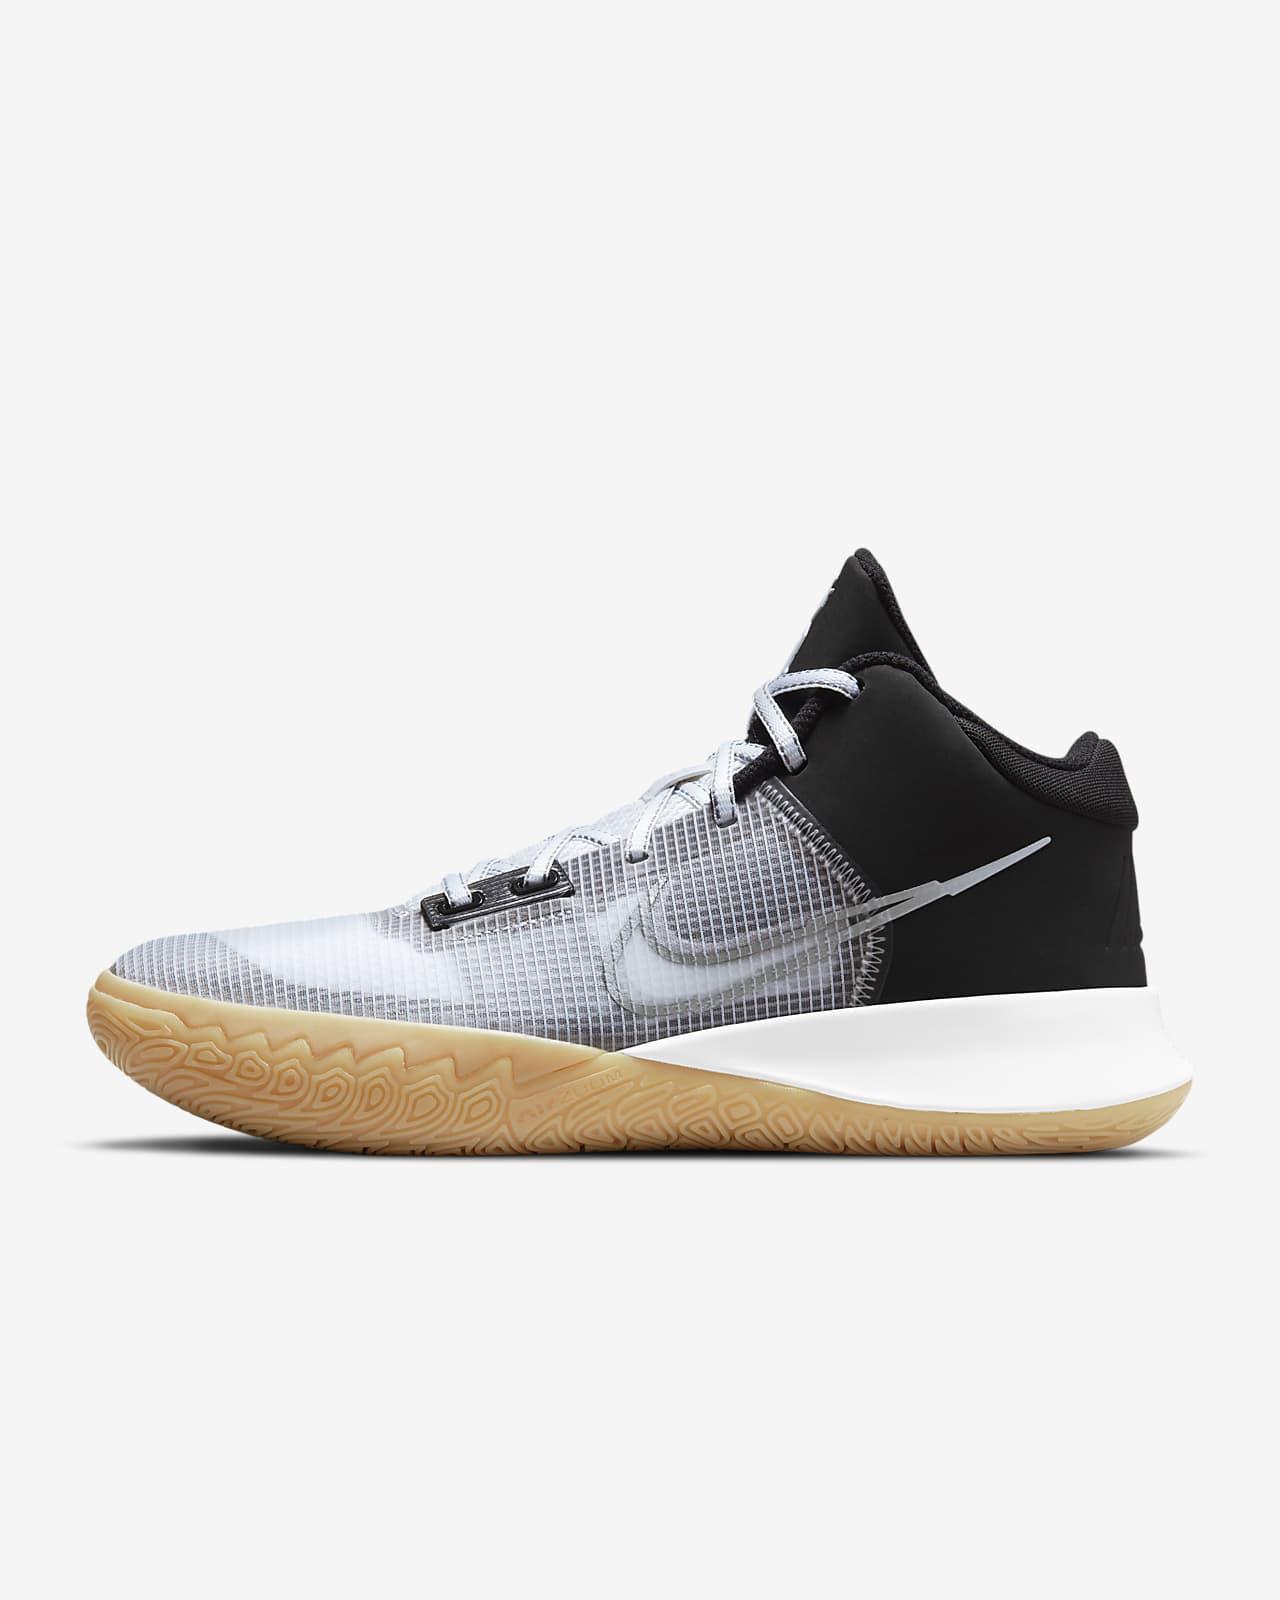 Баскетбольные кроссовки Kyrie Flytrap 4